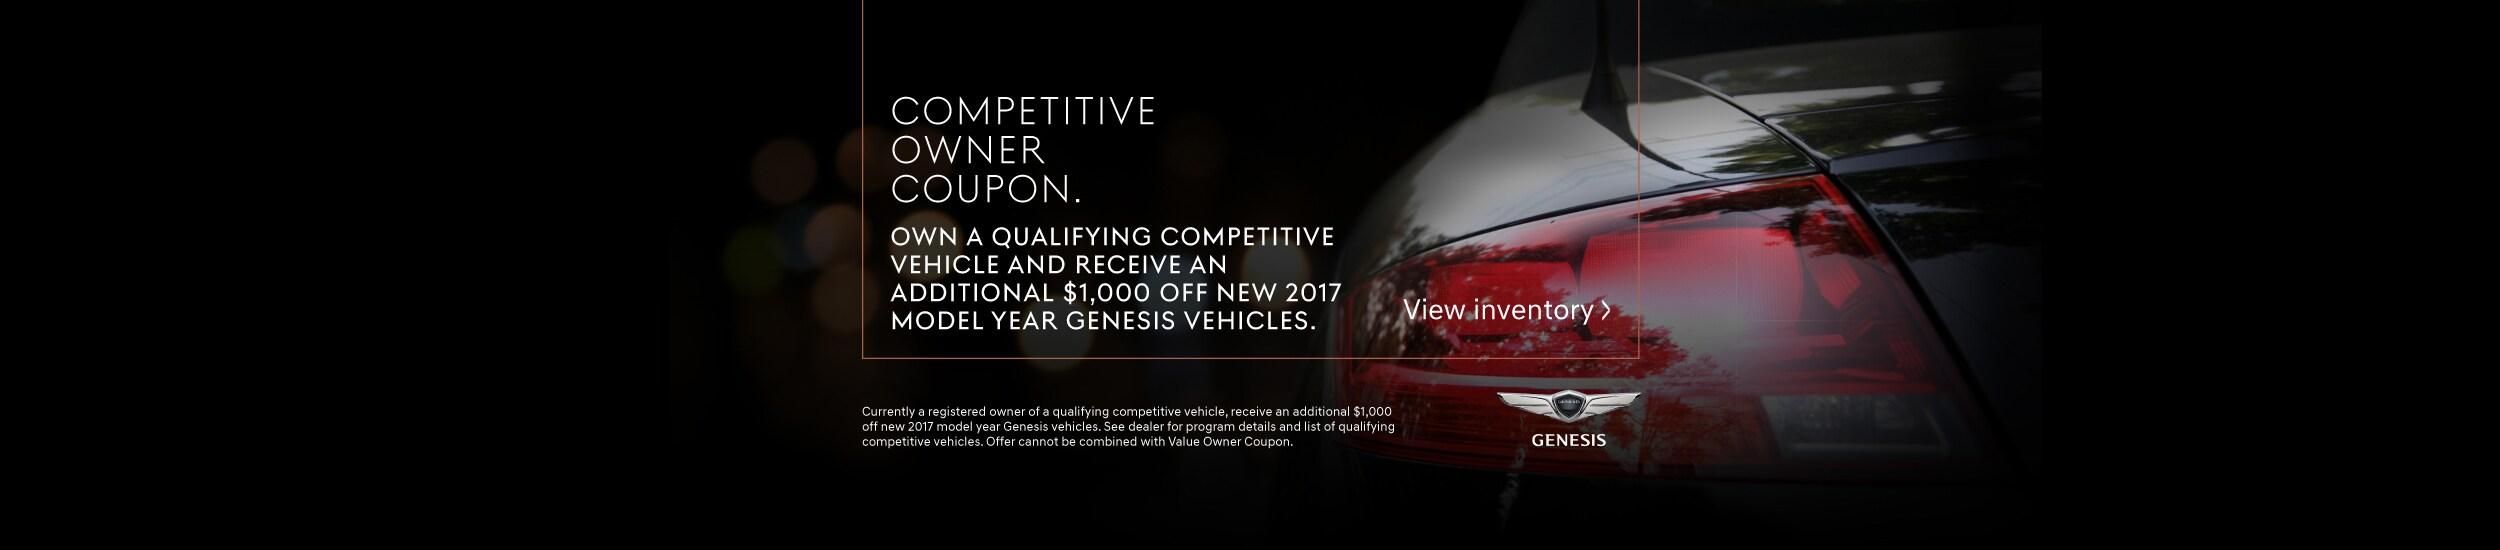 New Luxury Car Dealership Service Repair Carrollton Plano Tx